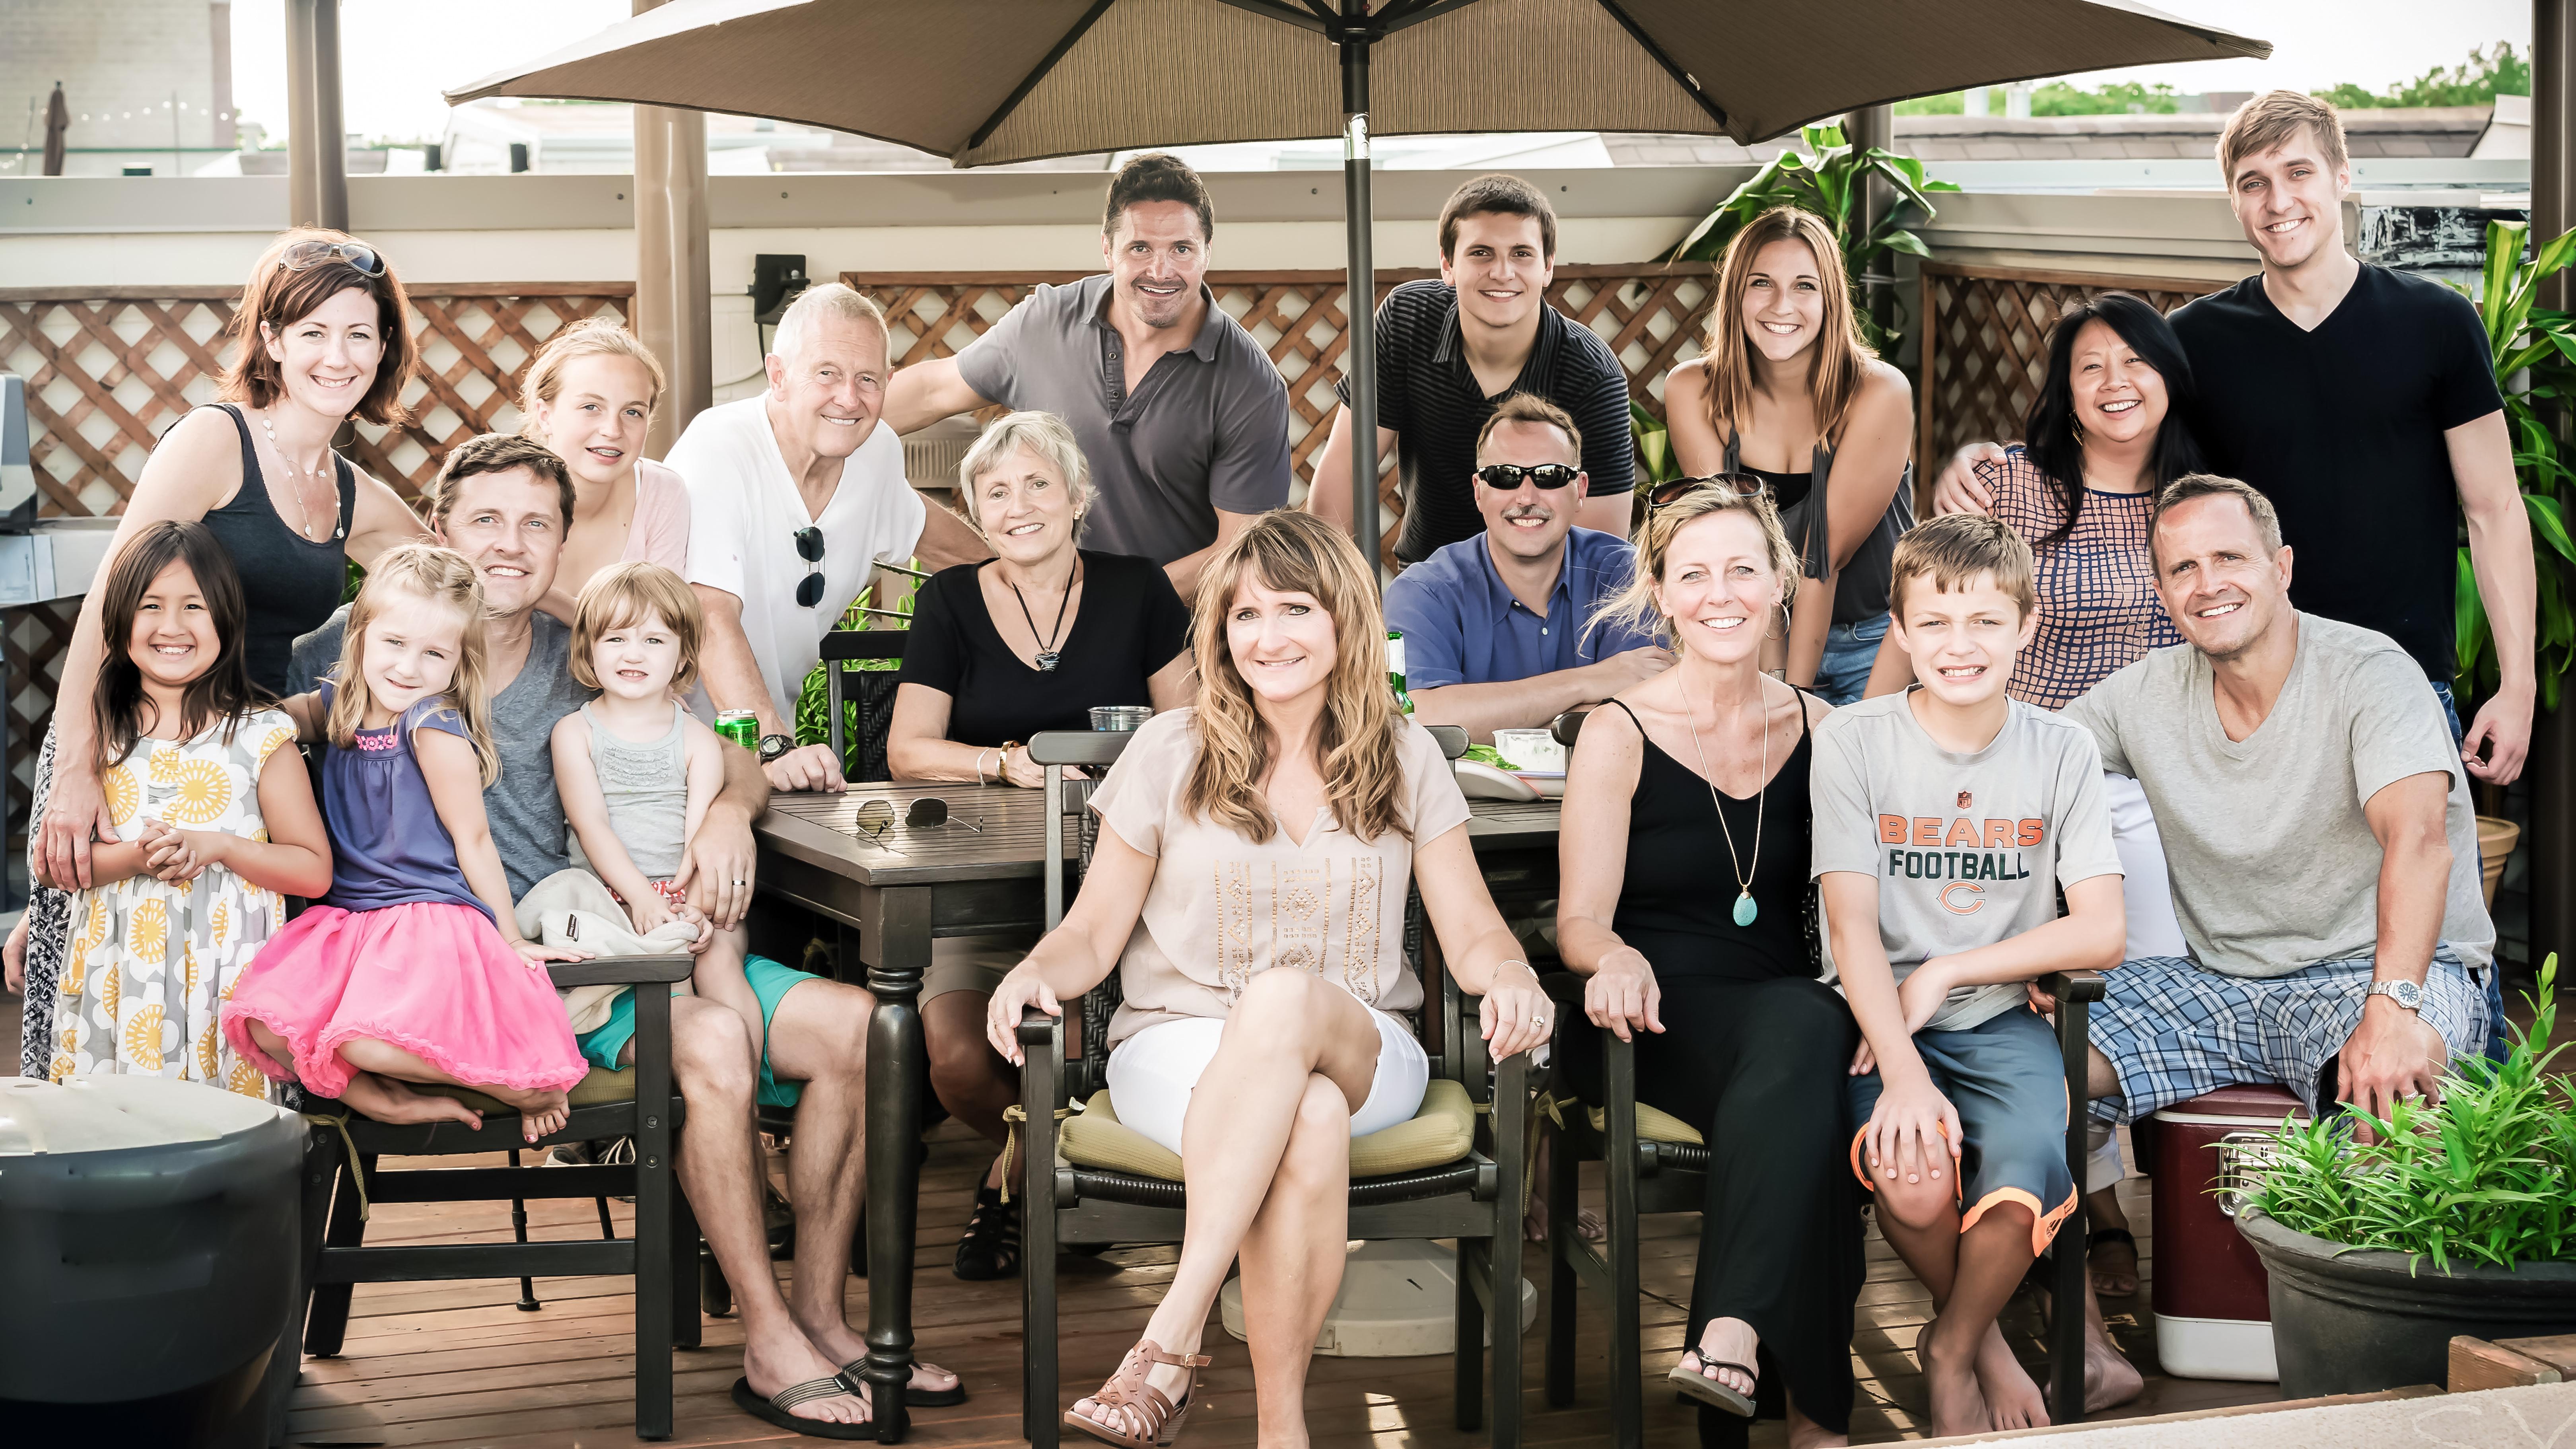 The Quinn Family